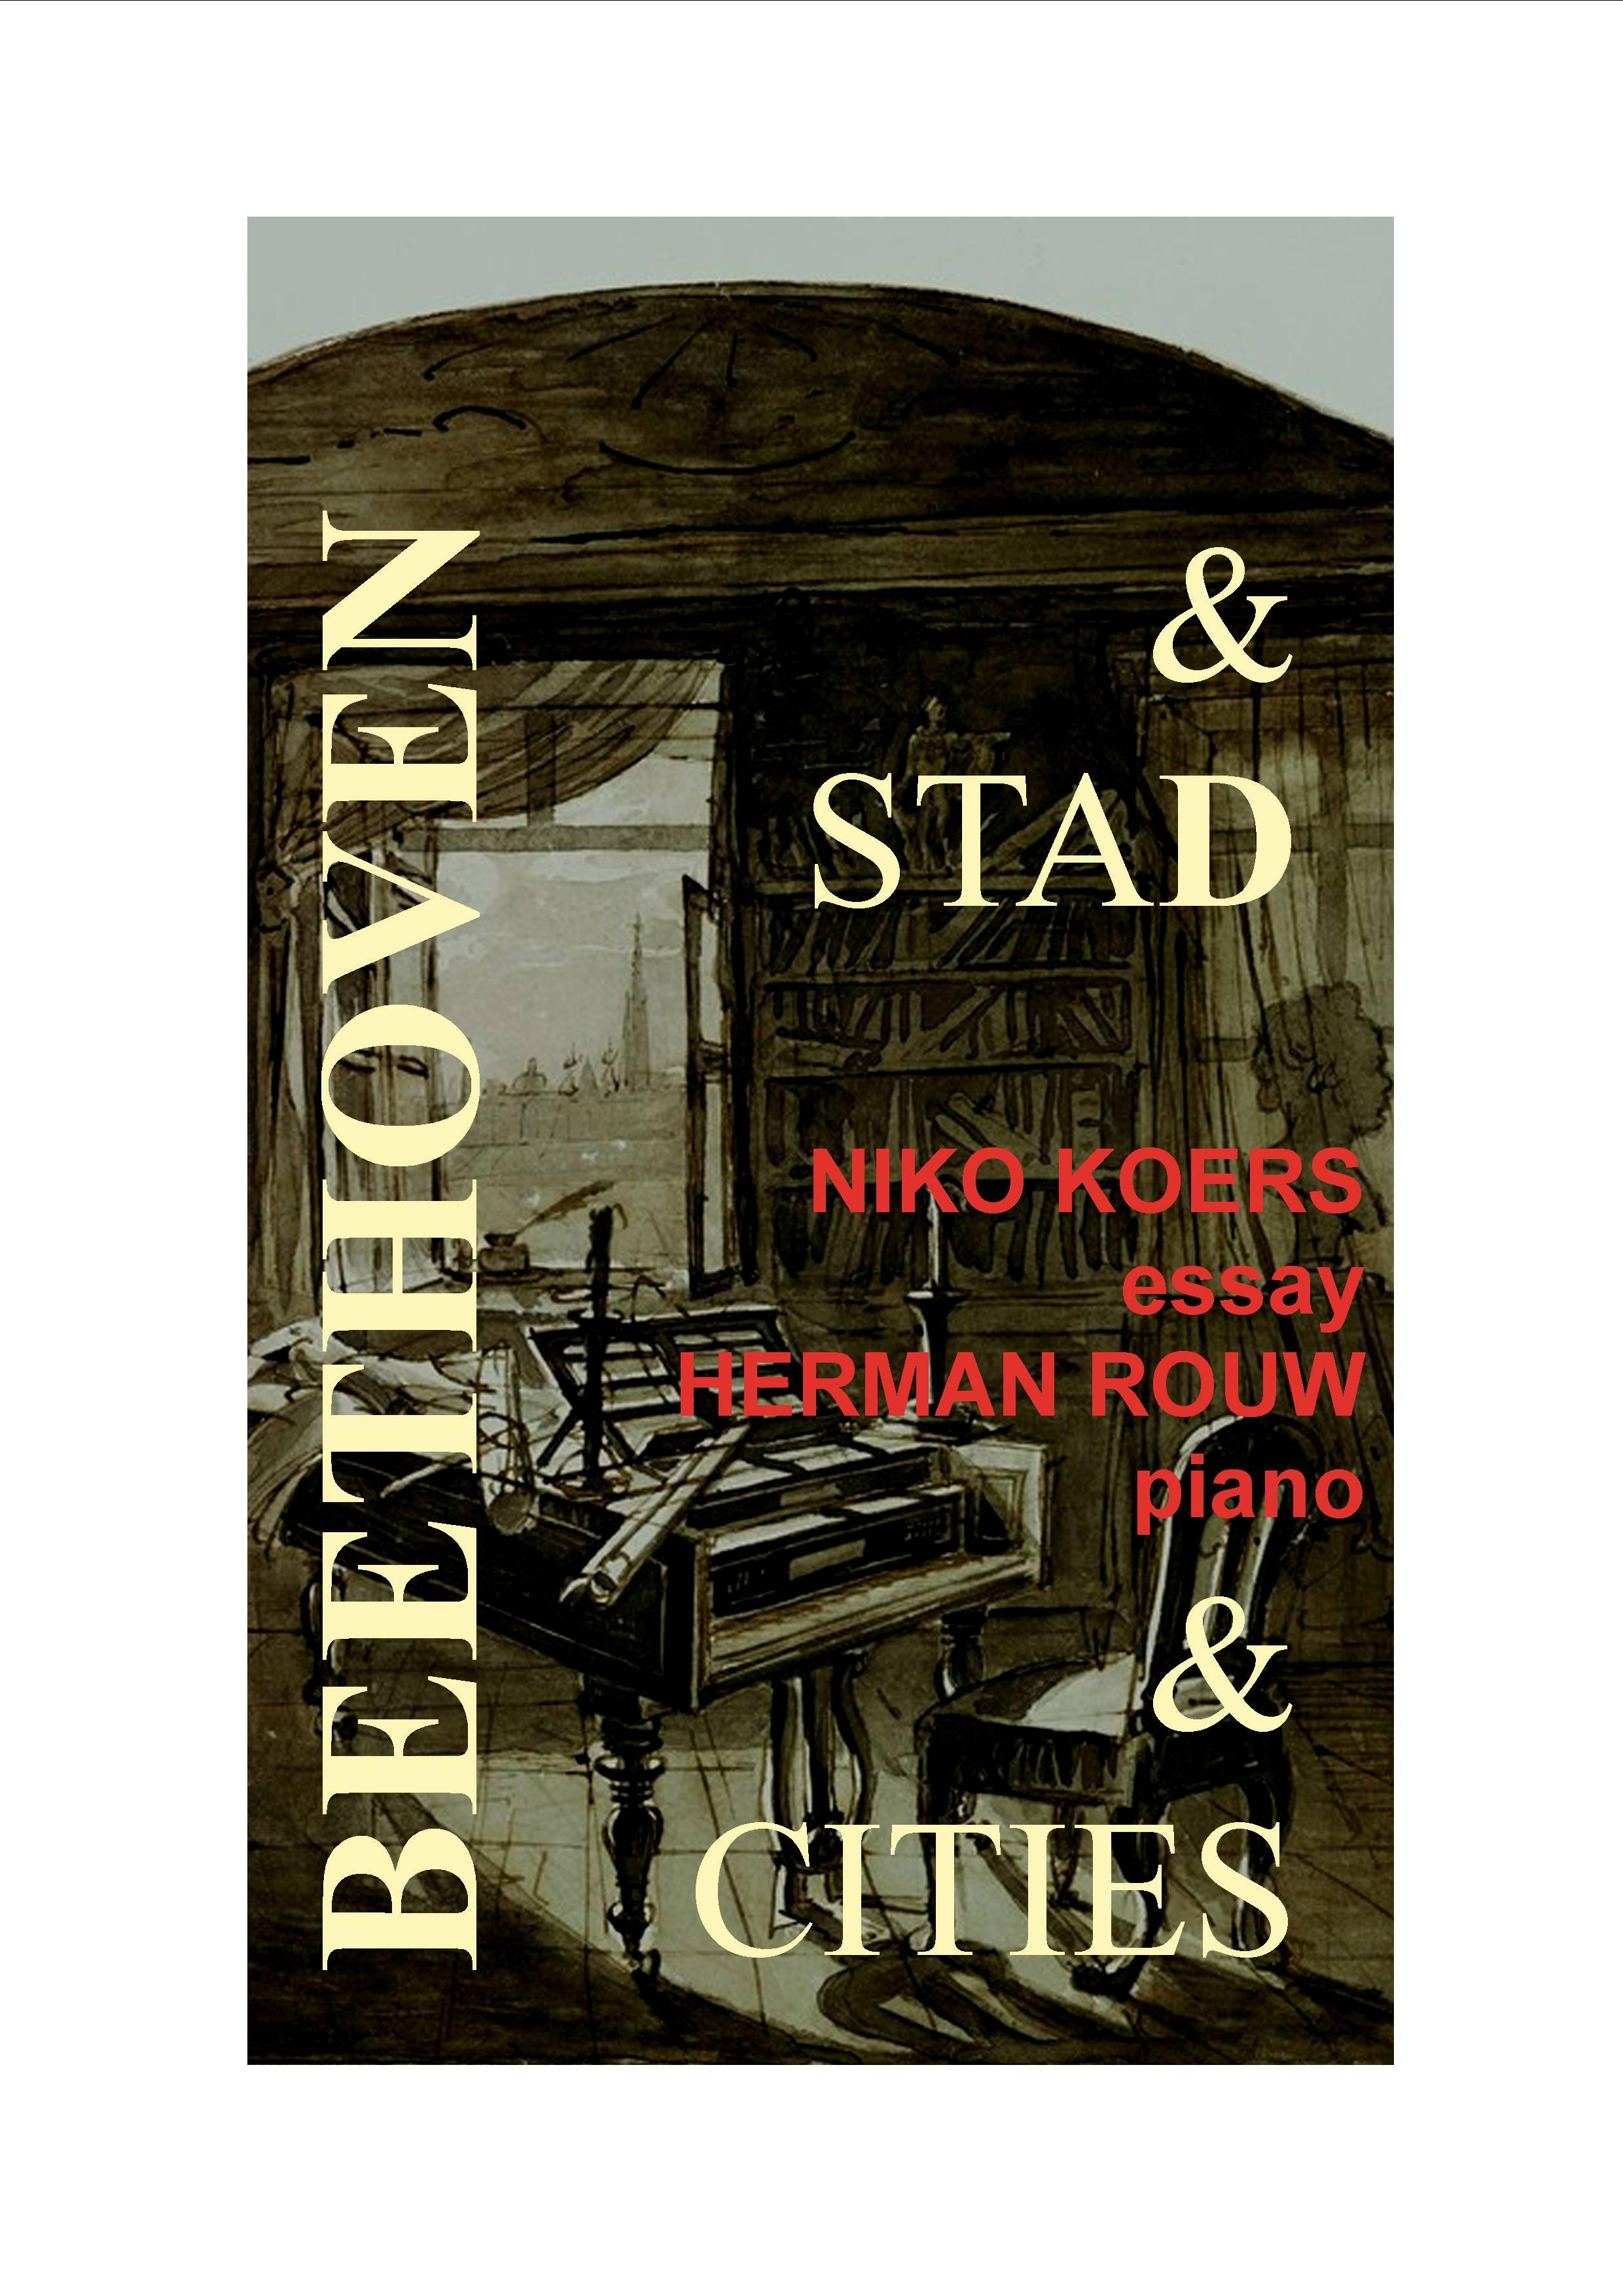 BEETHOVEN & STAD boekomslag